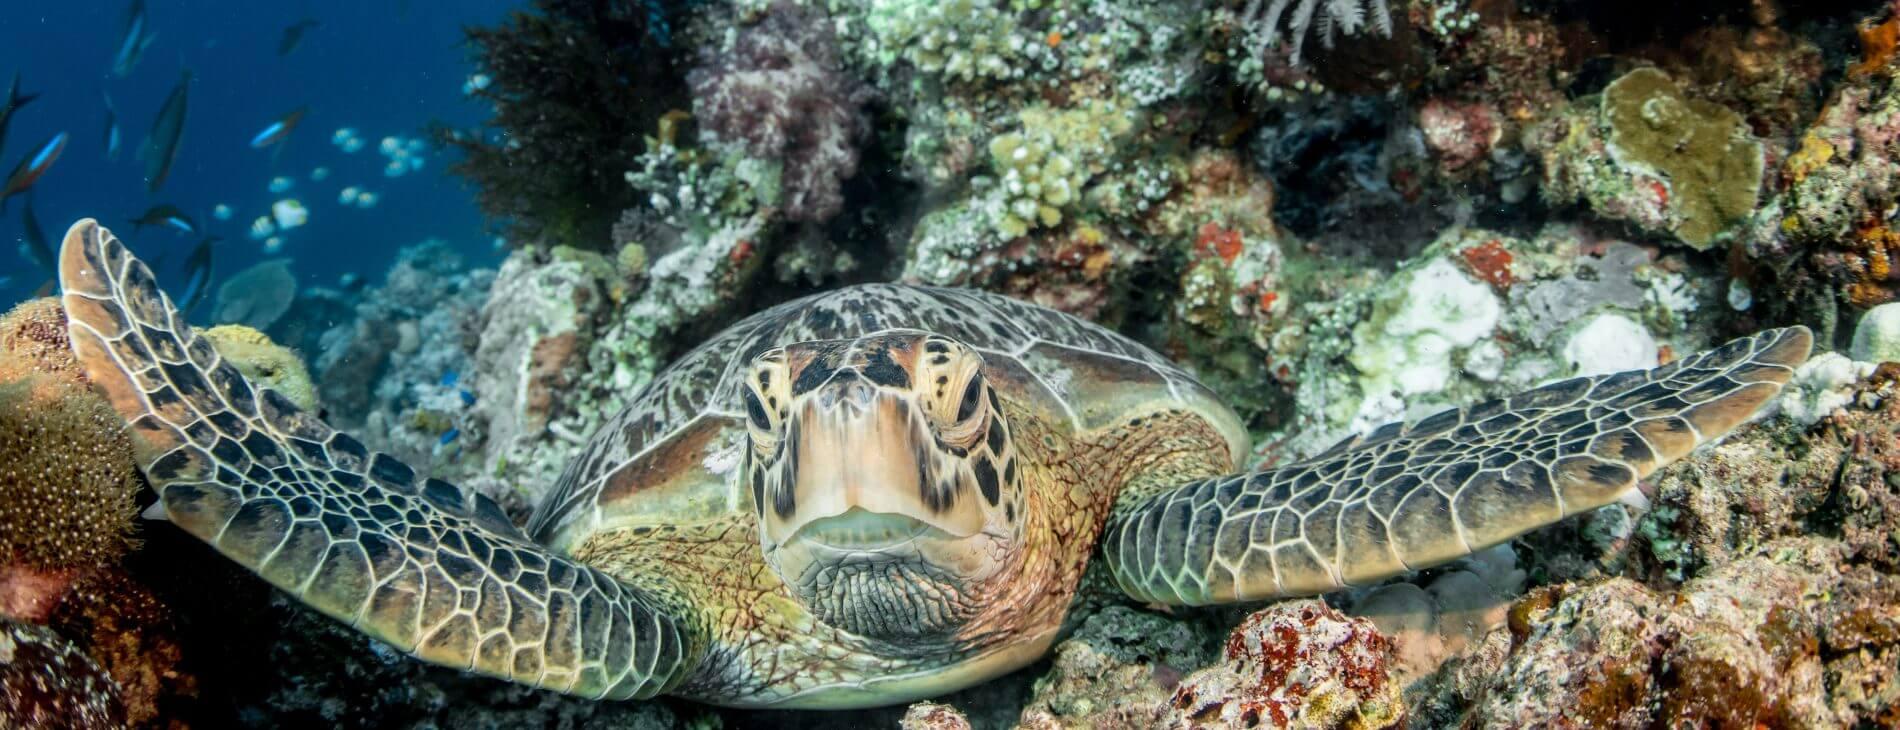 Mastroviaggiatore Indonesia Nabucco Green turtle